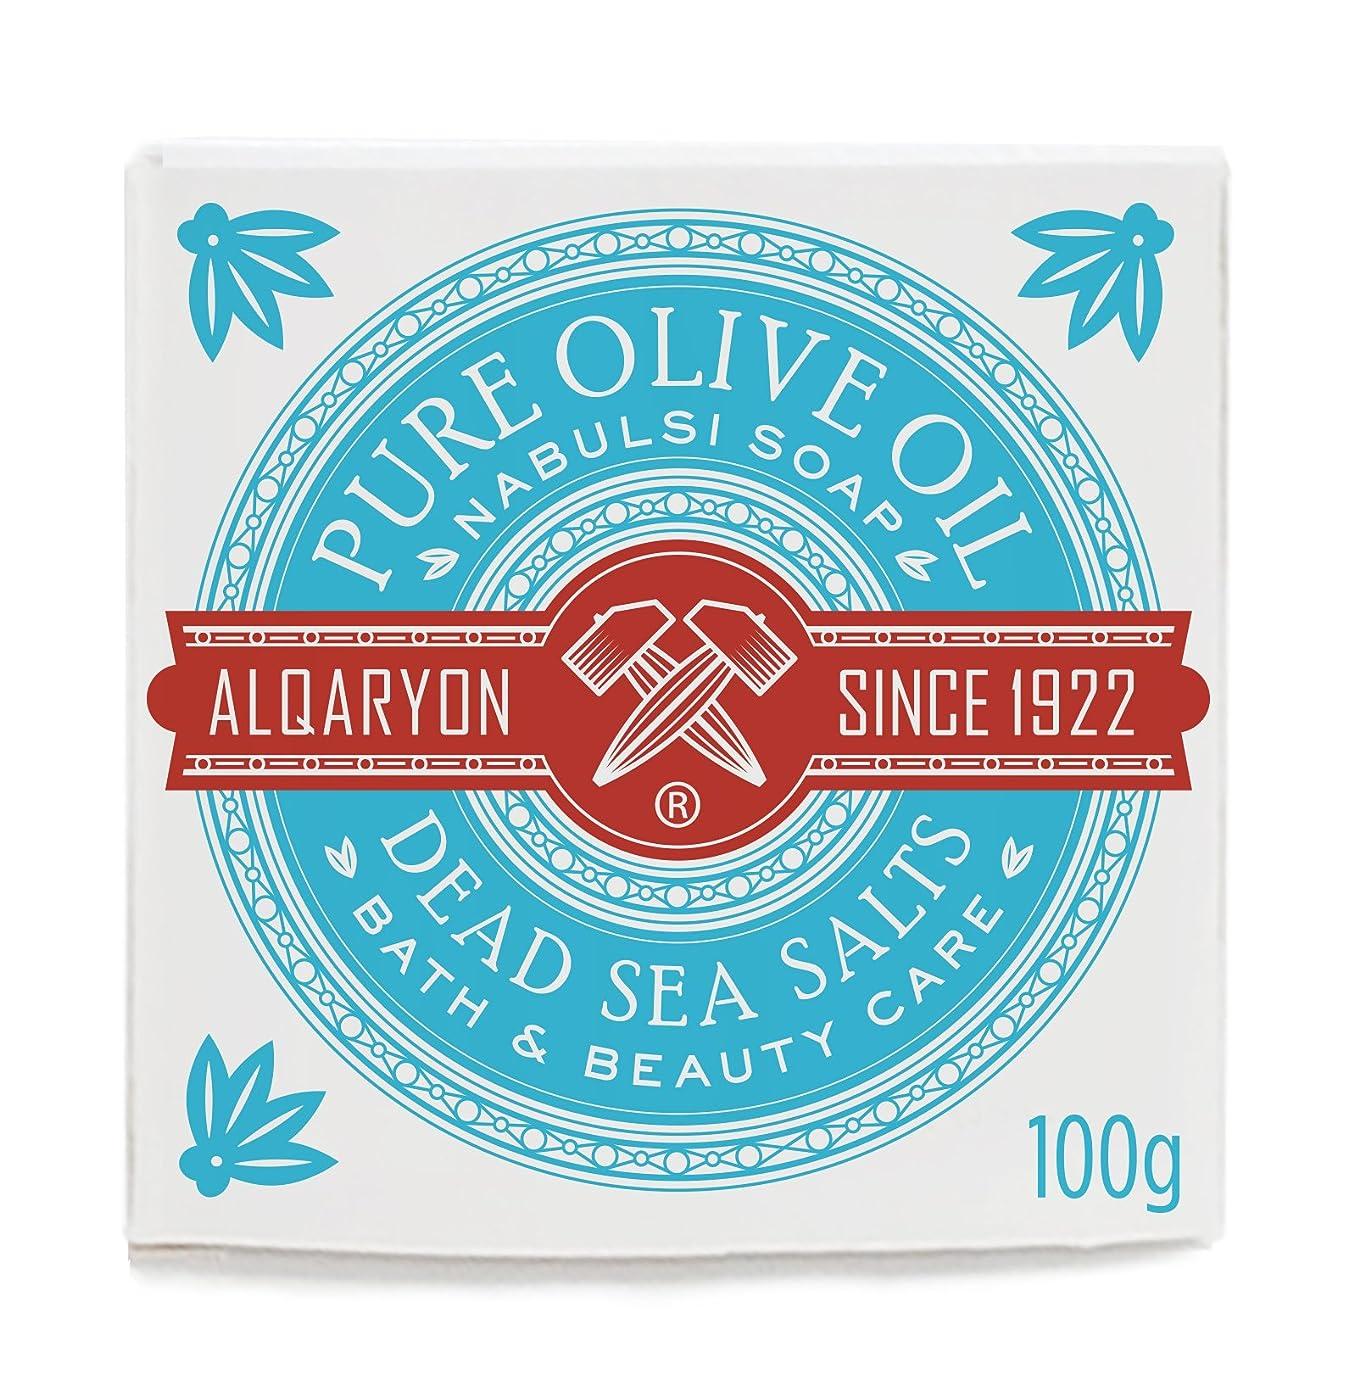 珍しい虎過半数Alqaryon Dead Sea Salts & Olive Oil Bar Soap, Pack of 4 Bars 100g- Alqaryonの死海で取れる塩&オリーブオイル ソープ、バス & ビューティー ケア、100gの石鹸4個のパック